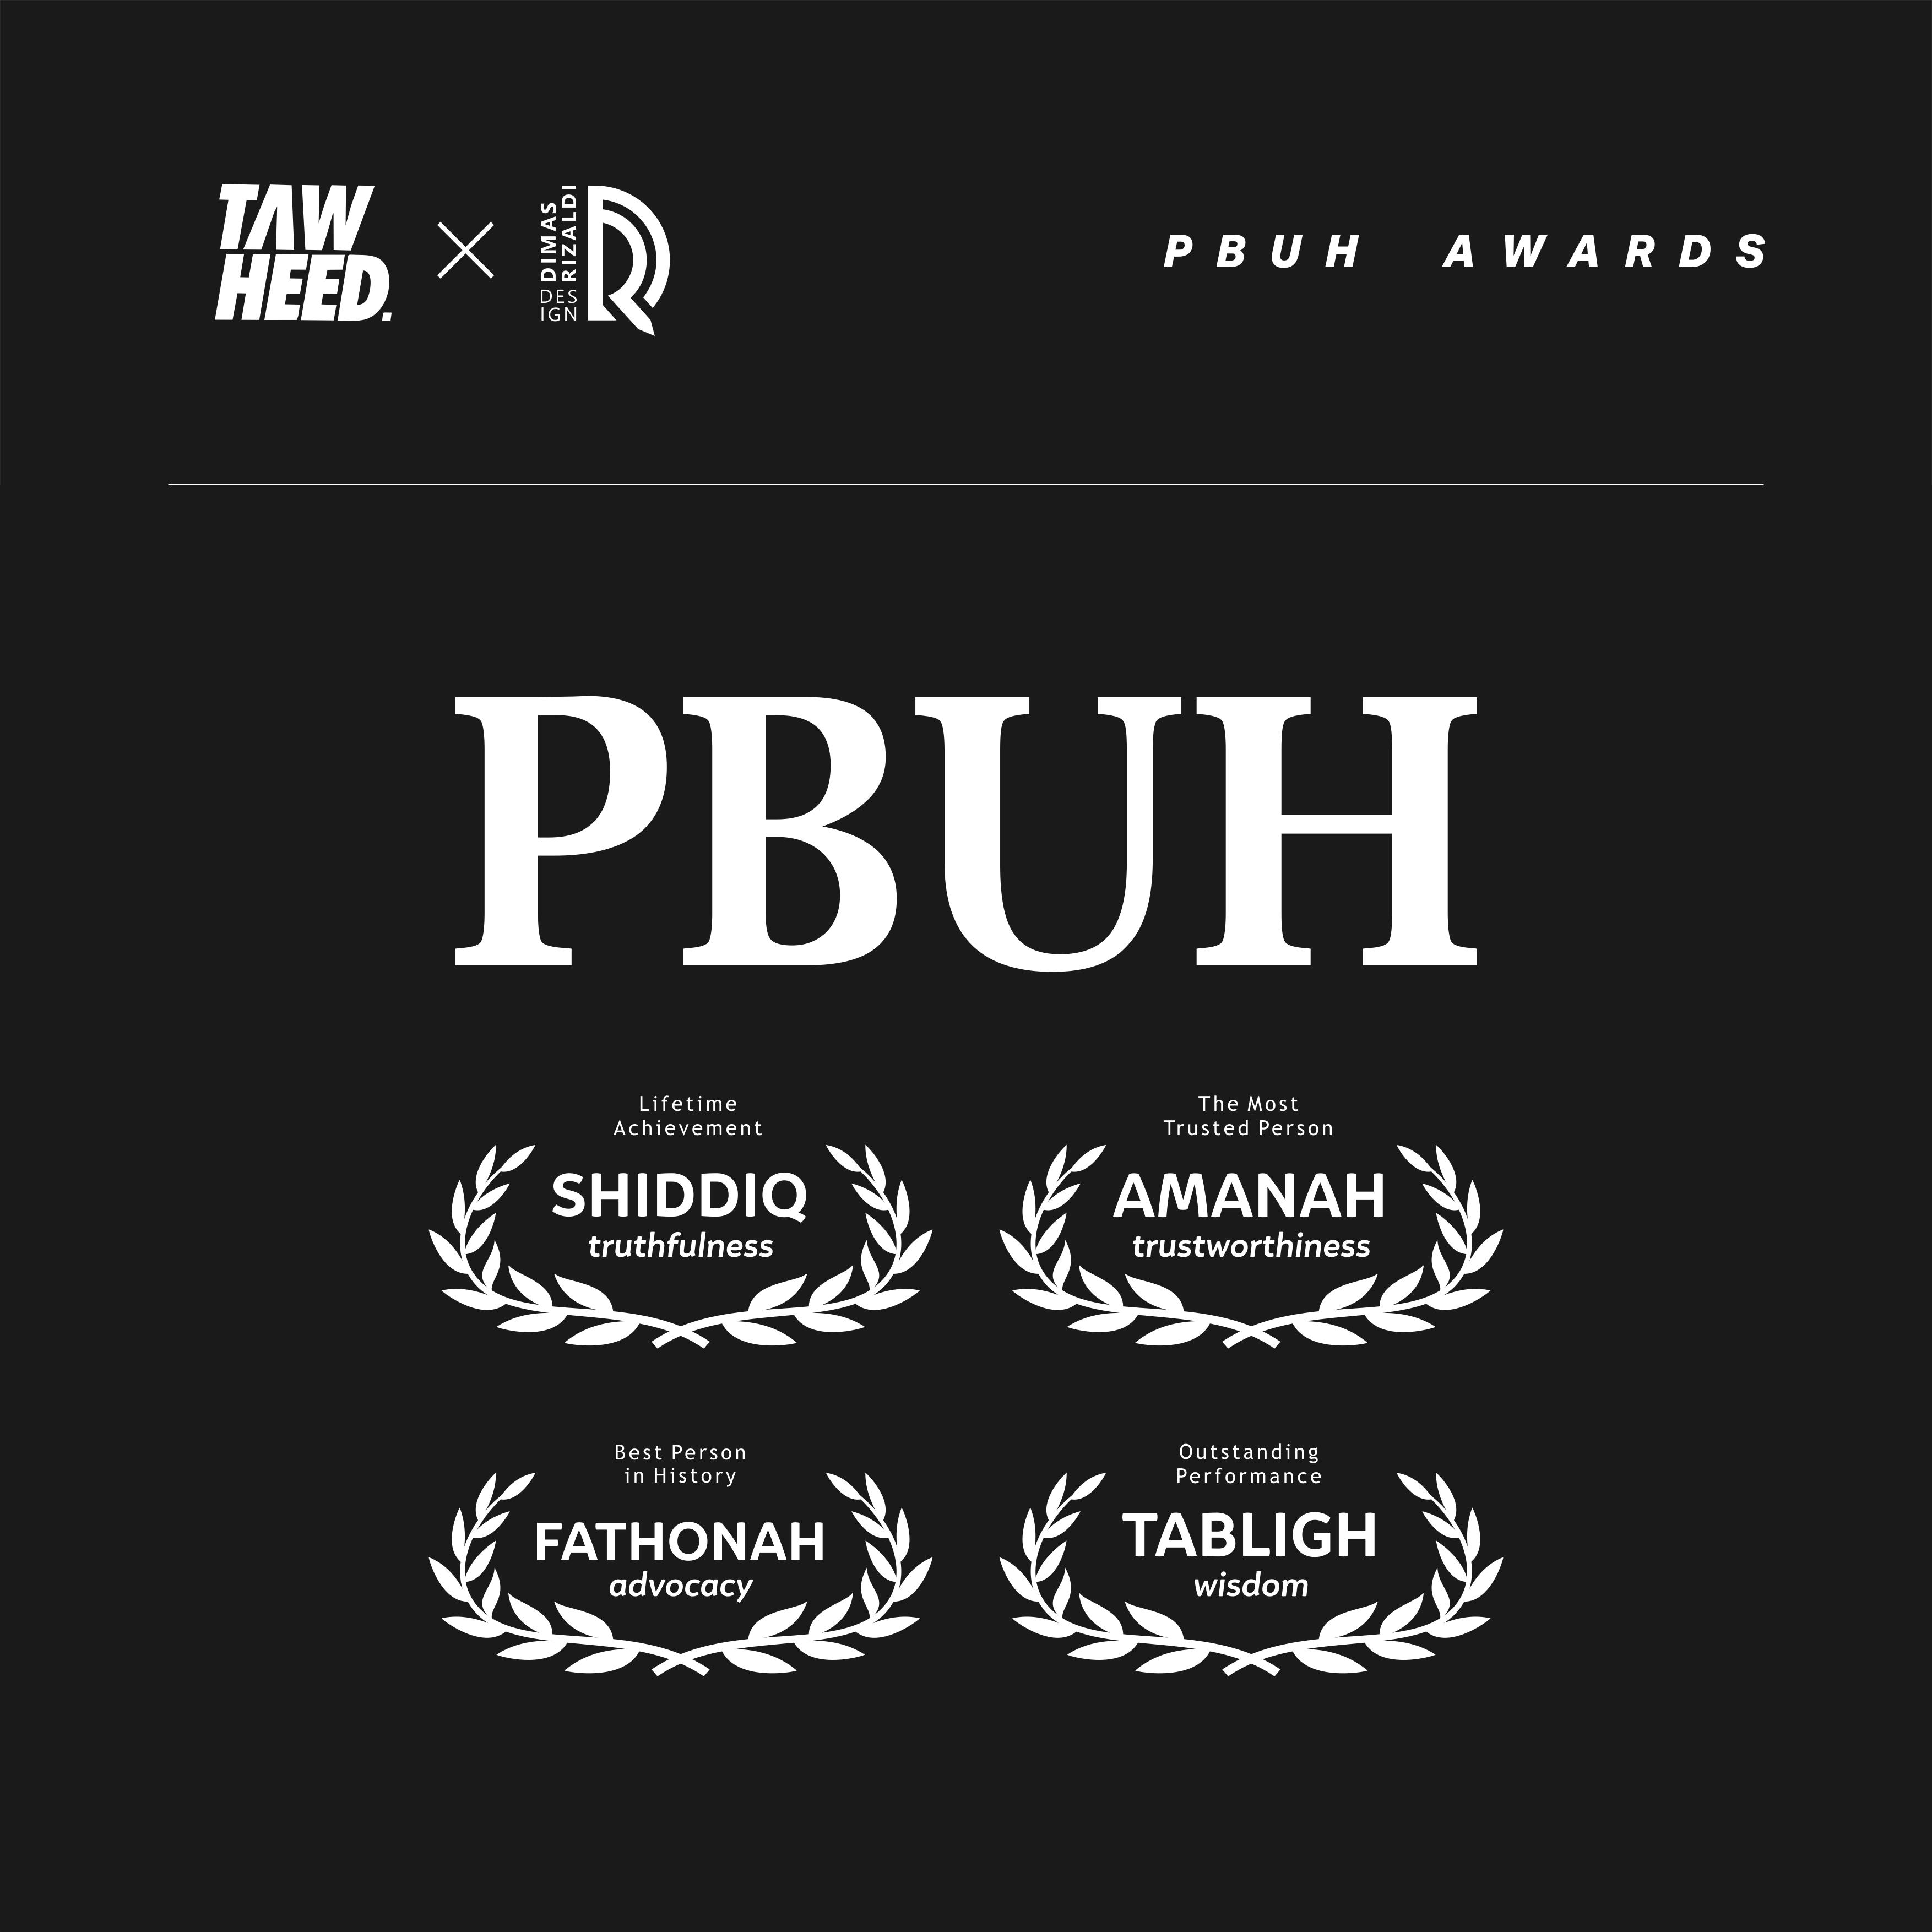 PBUH Lifetime Achievement